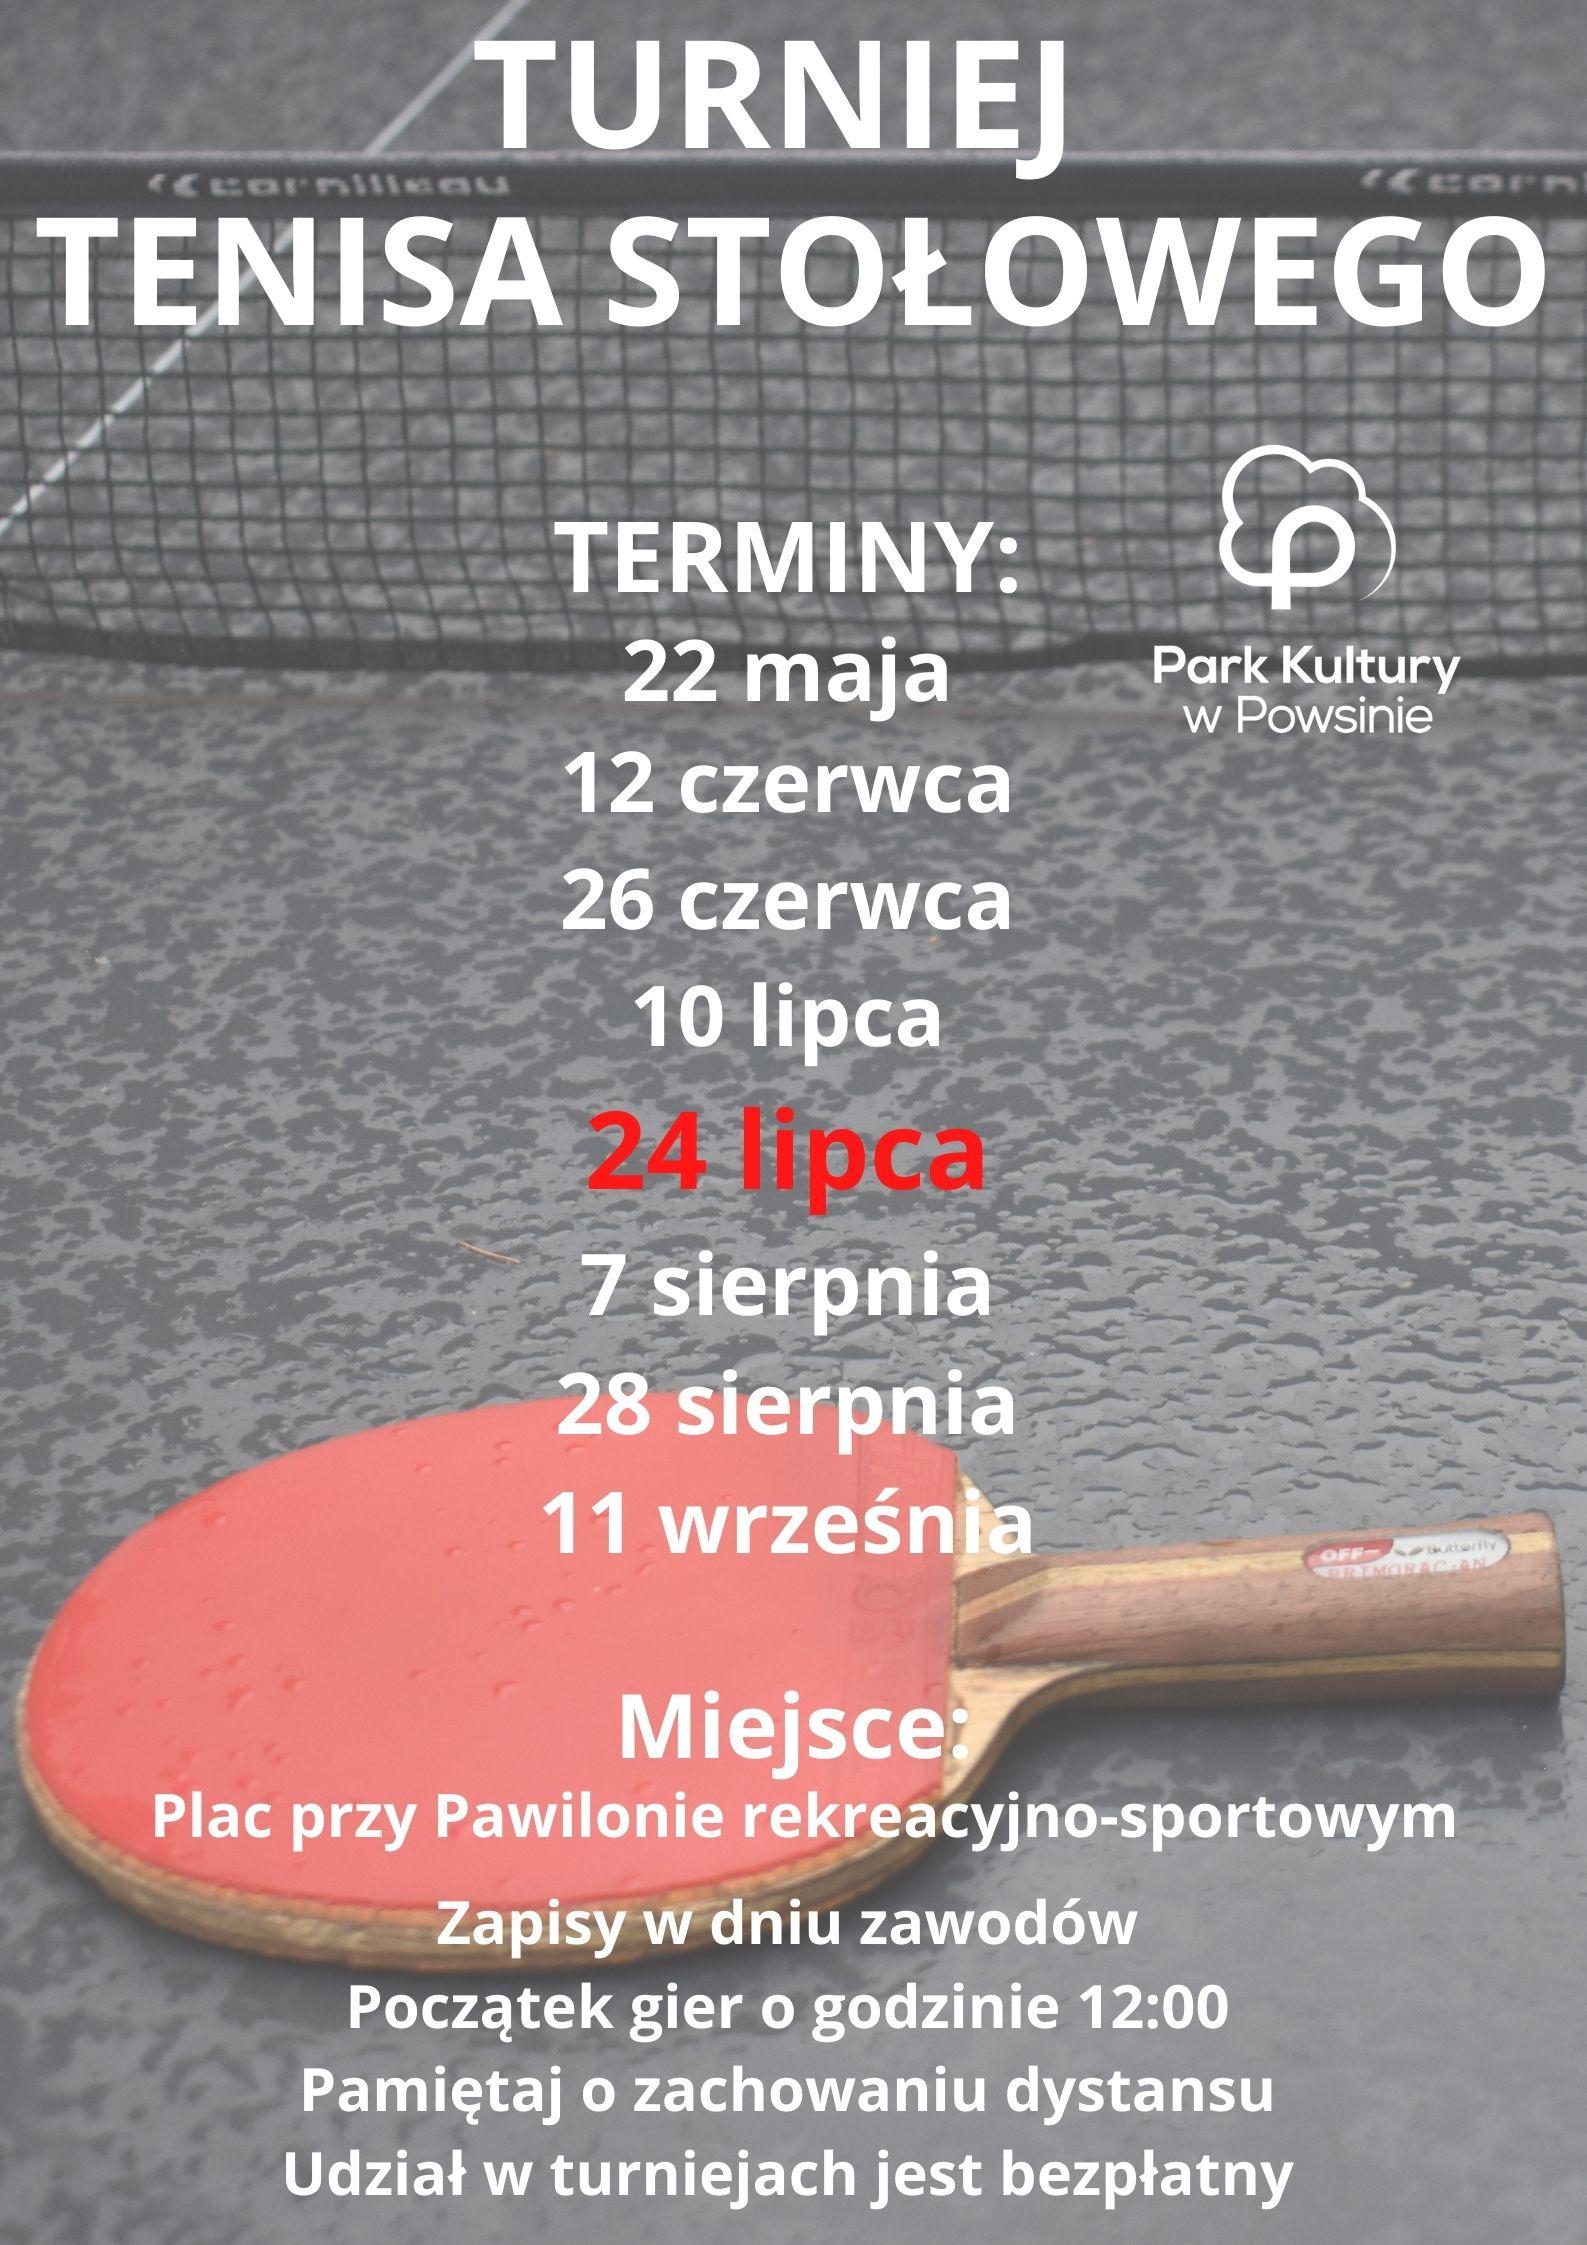 Plakat z terminami turnieju tenisa stołowego 24 lipca